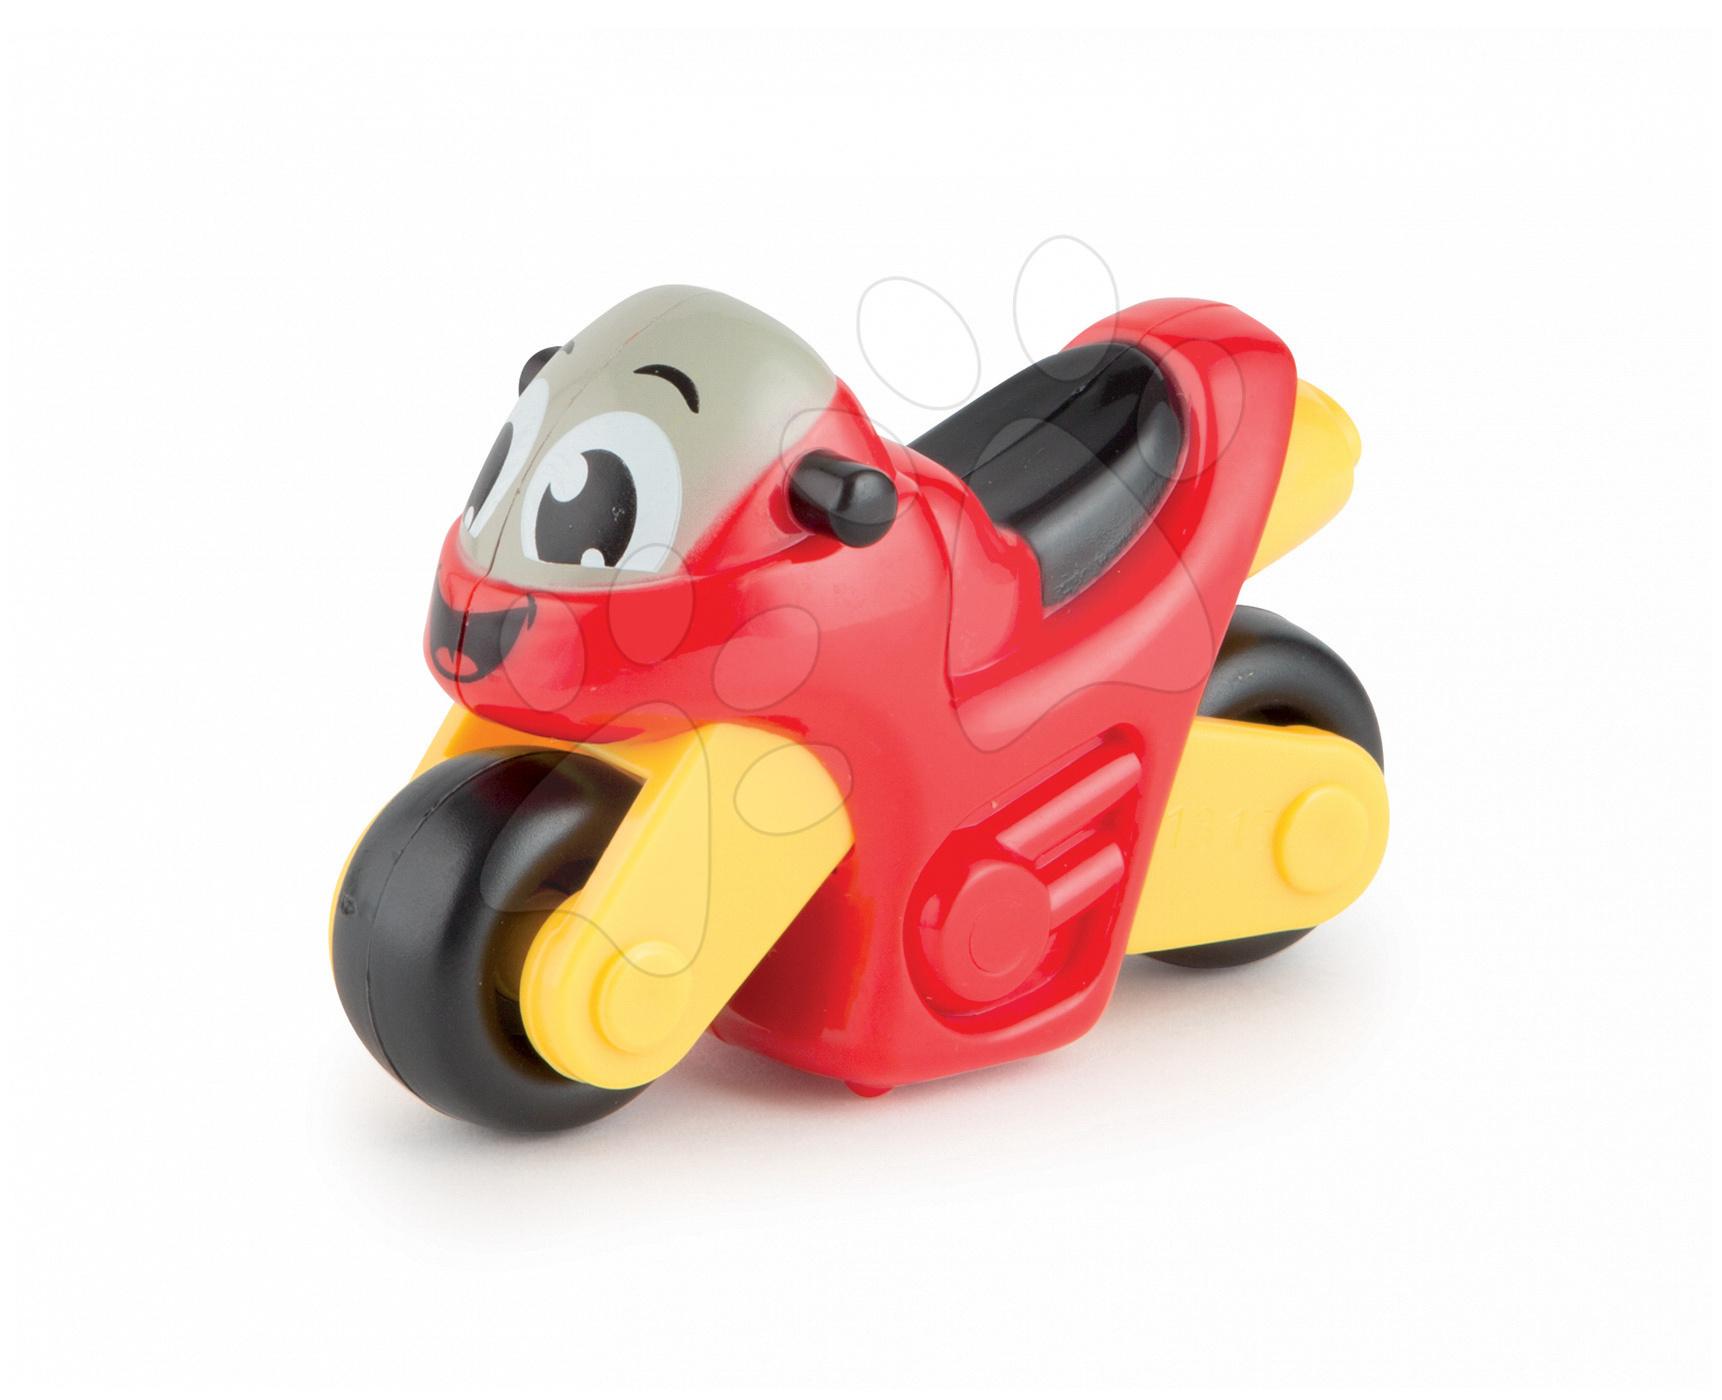 Hračkářská motorka Vroom Planet Smoby délka 8 cm červená od 12 měsíců